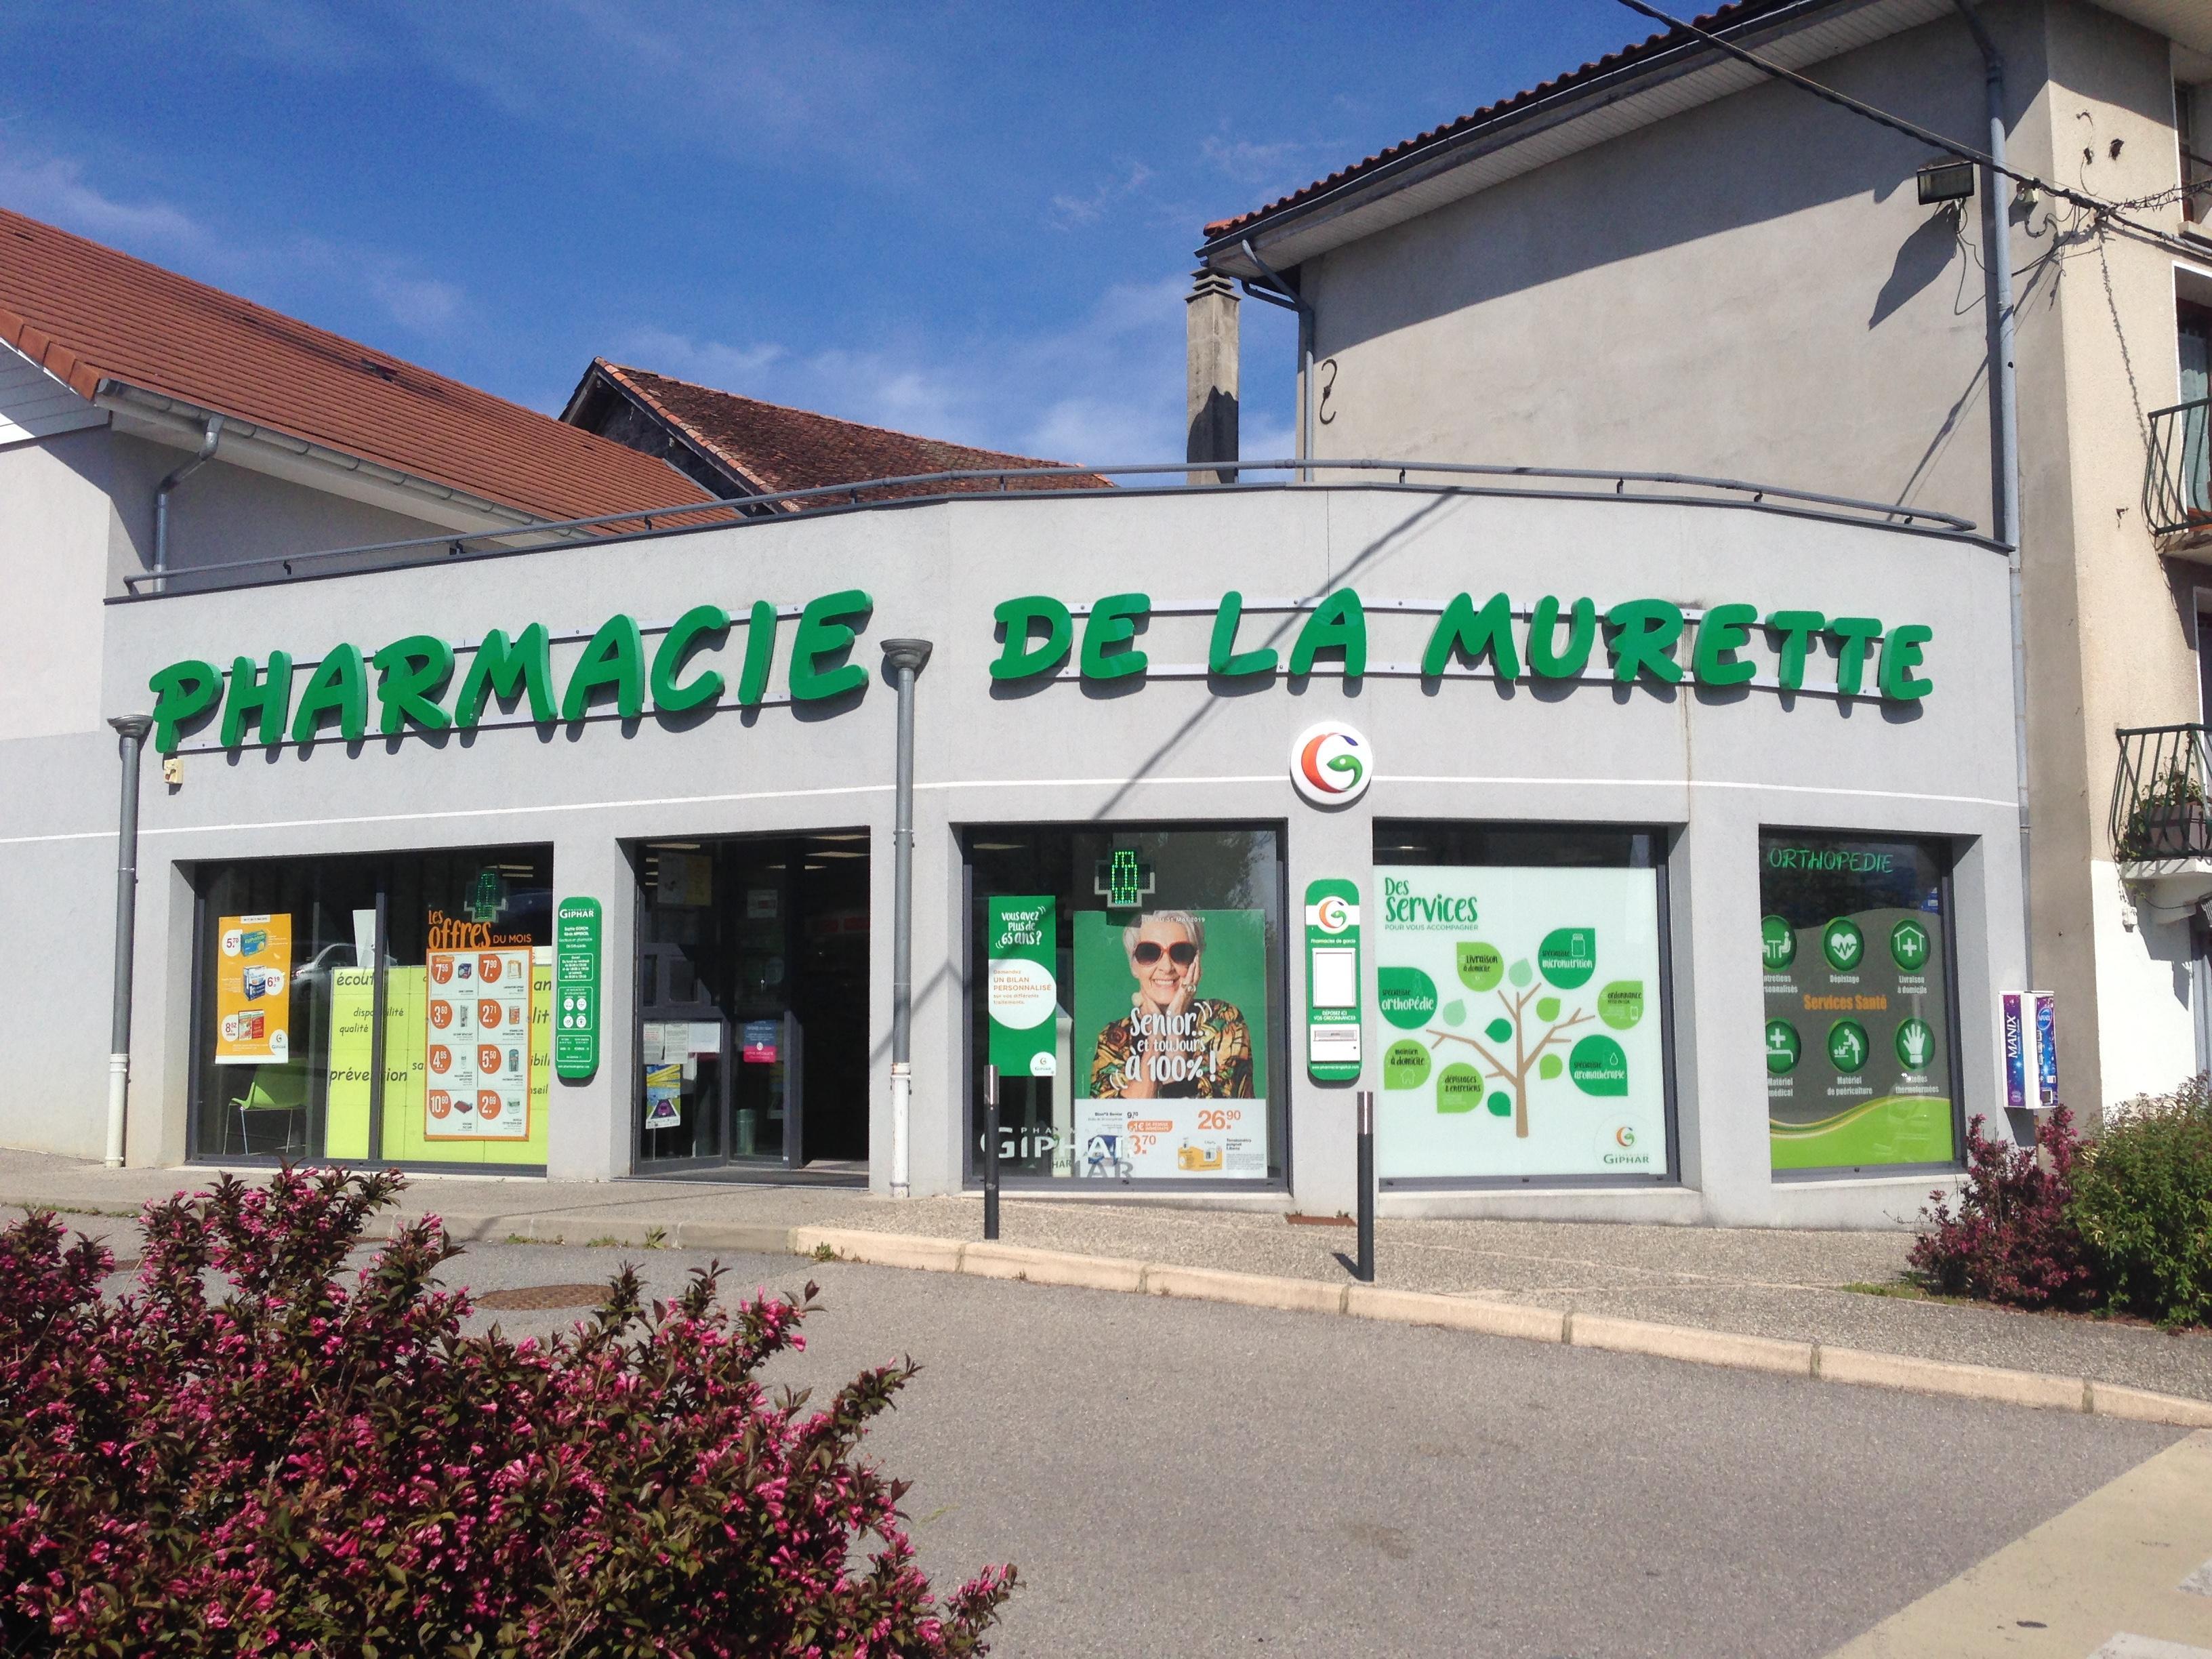 Pharmacie De La Murette La Murette